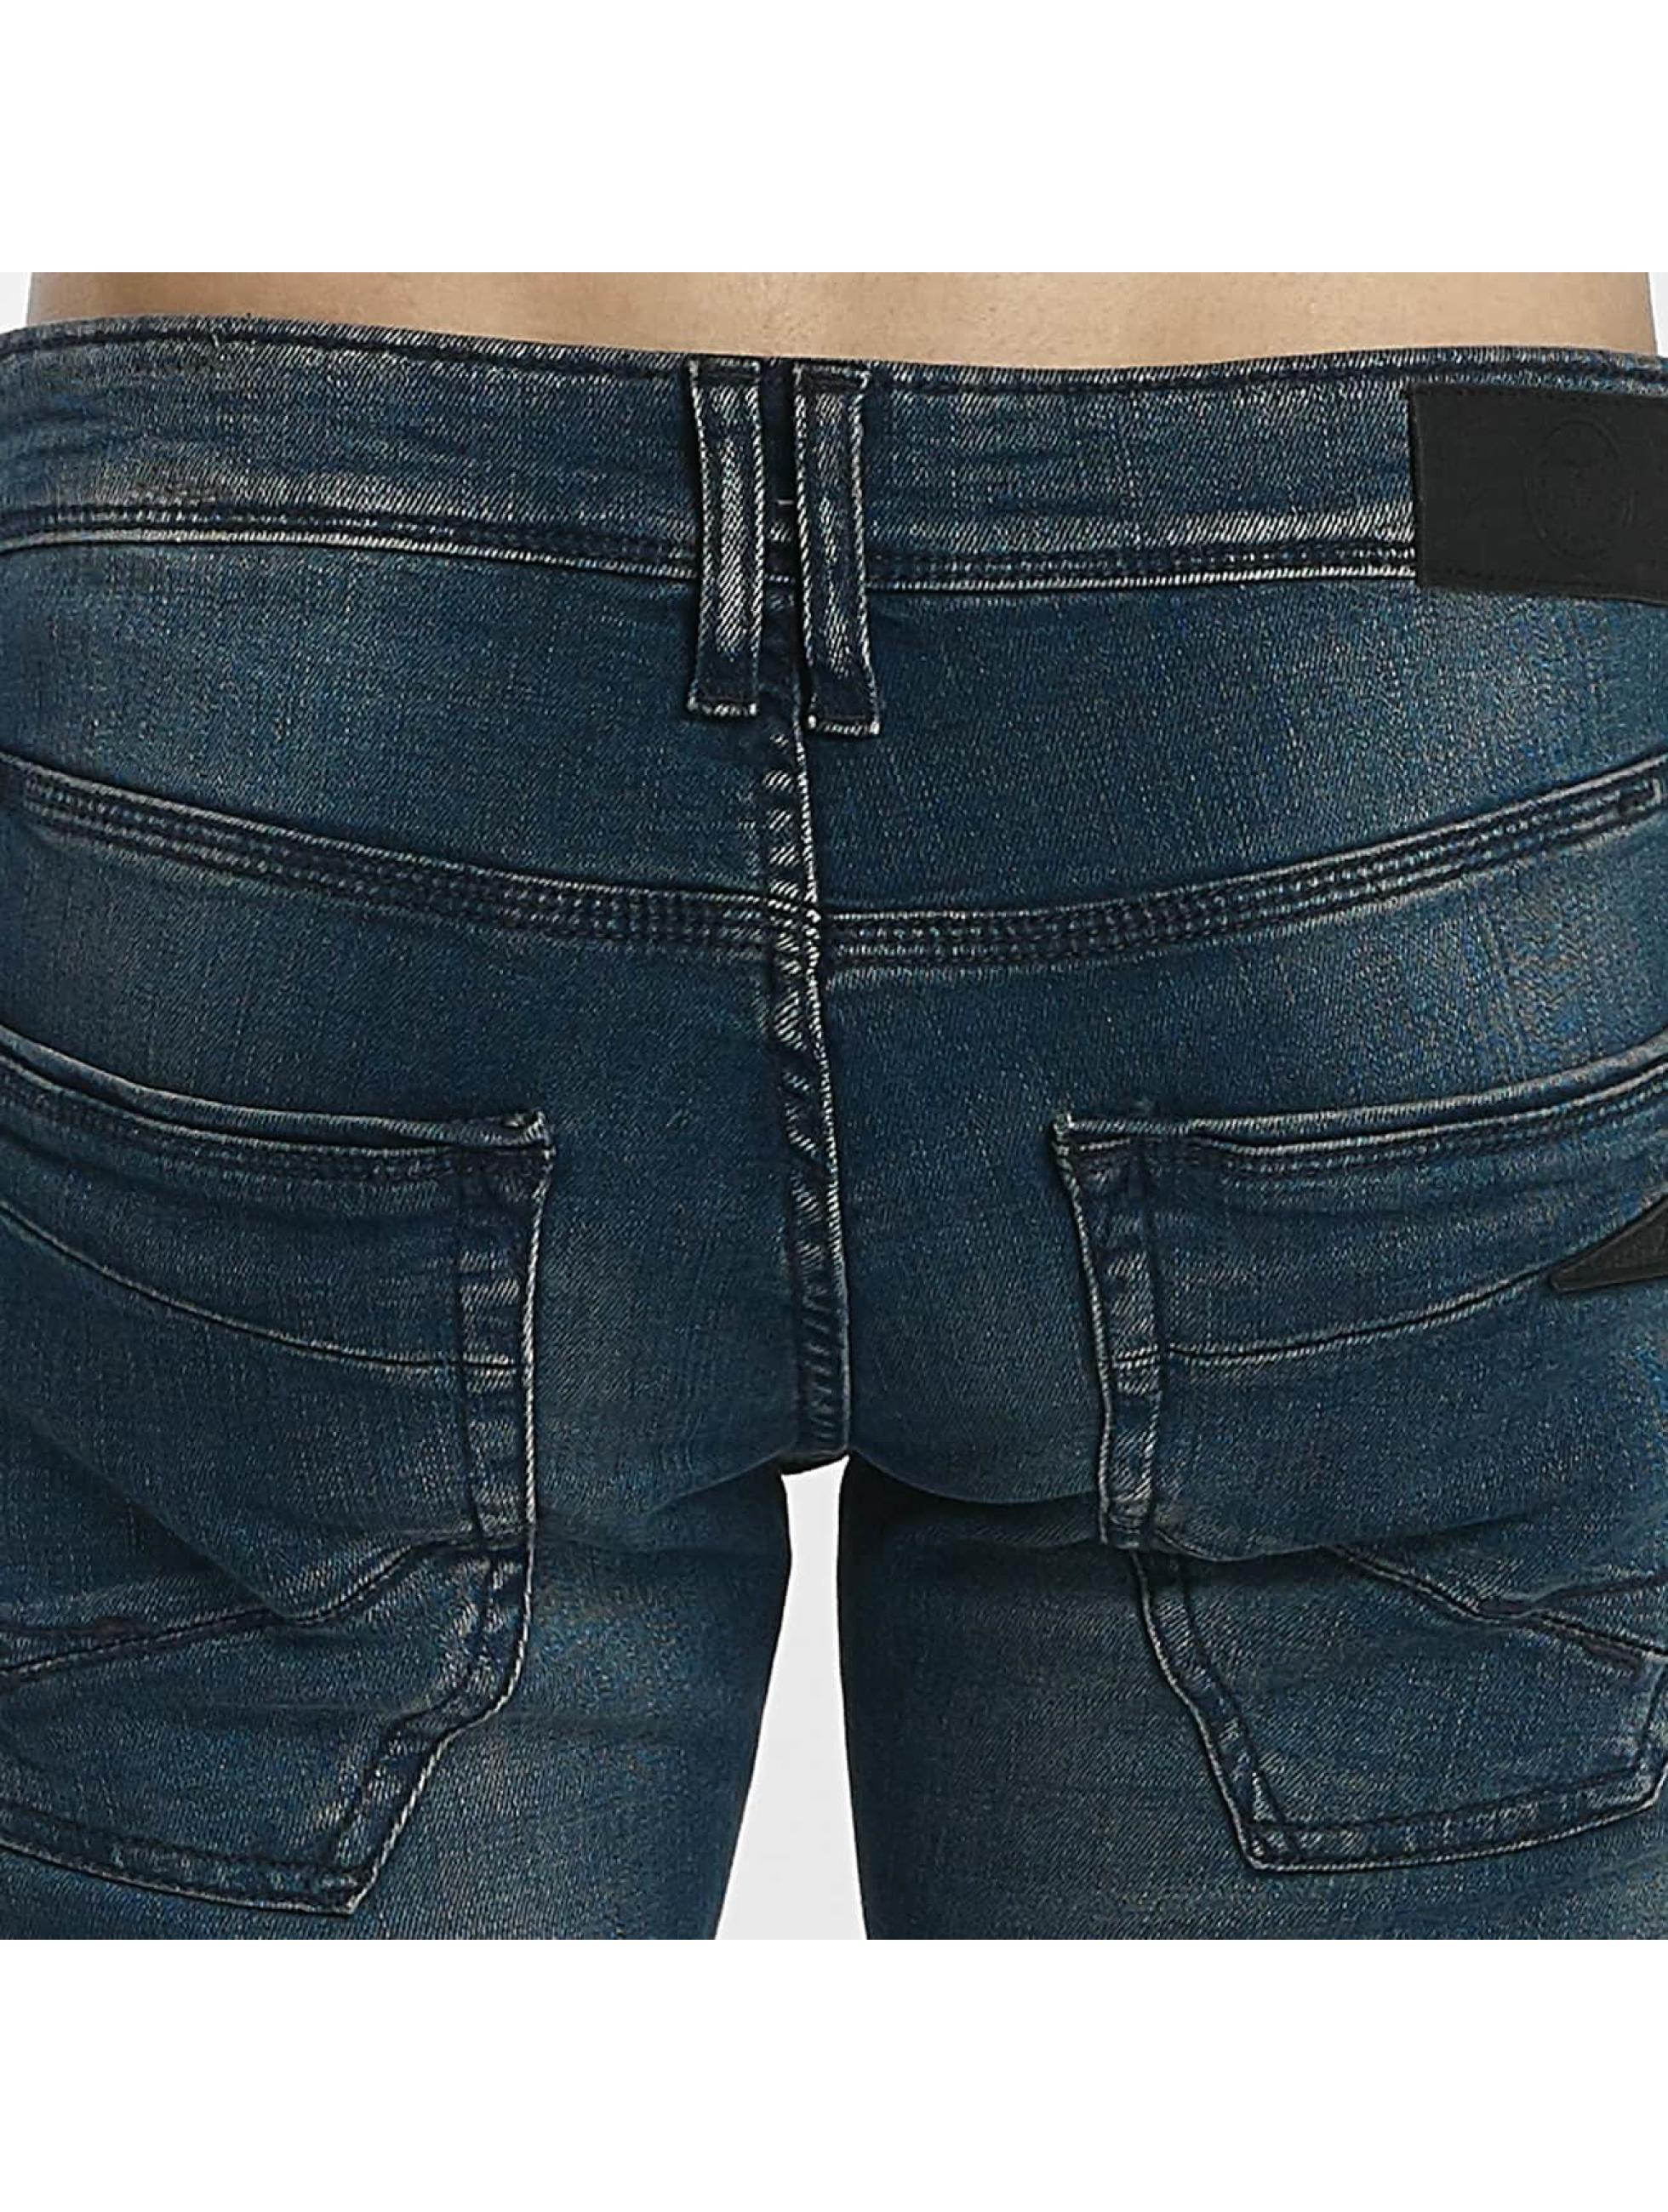 Le Temps Des Cerises Jeans ajustado 700/11 Basic negro